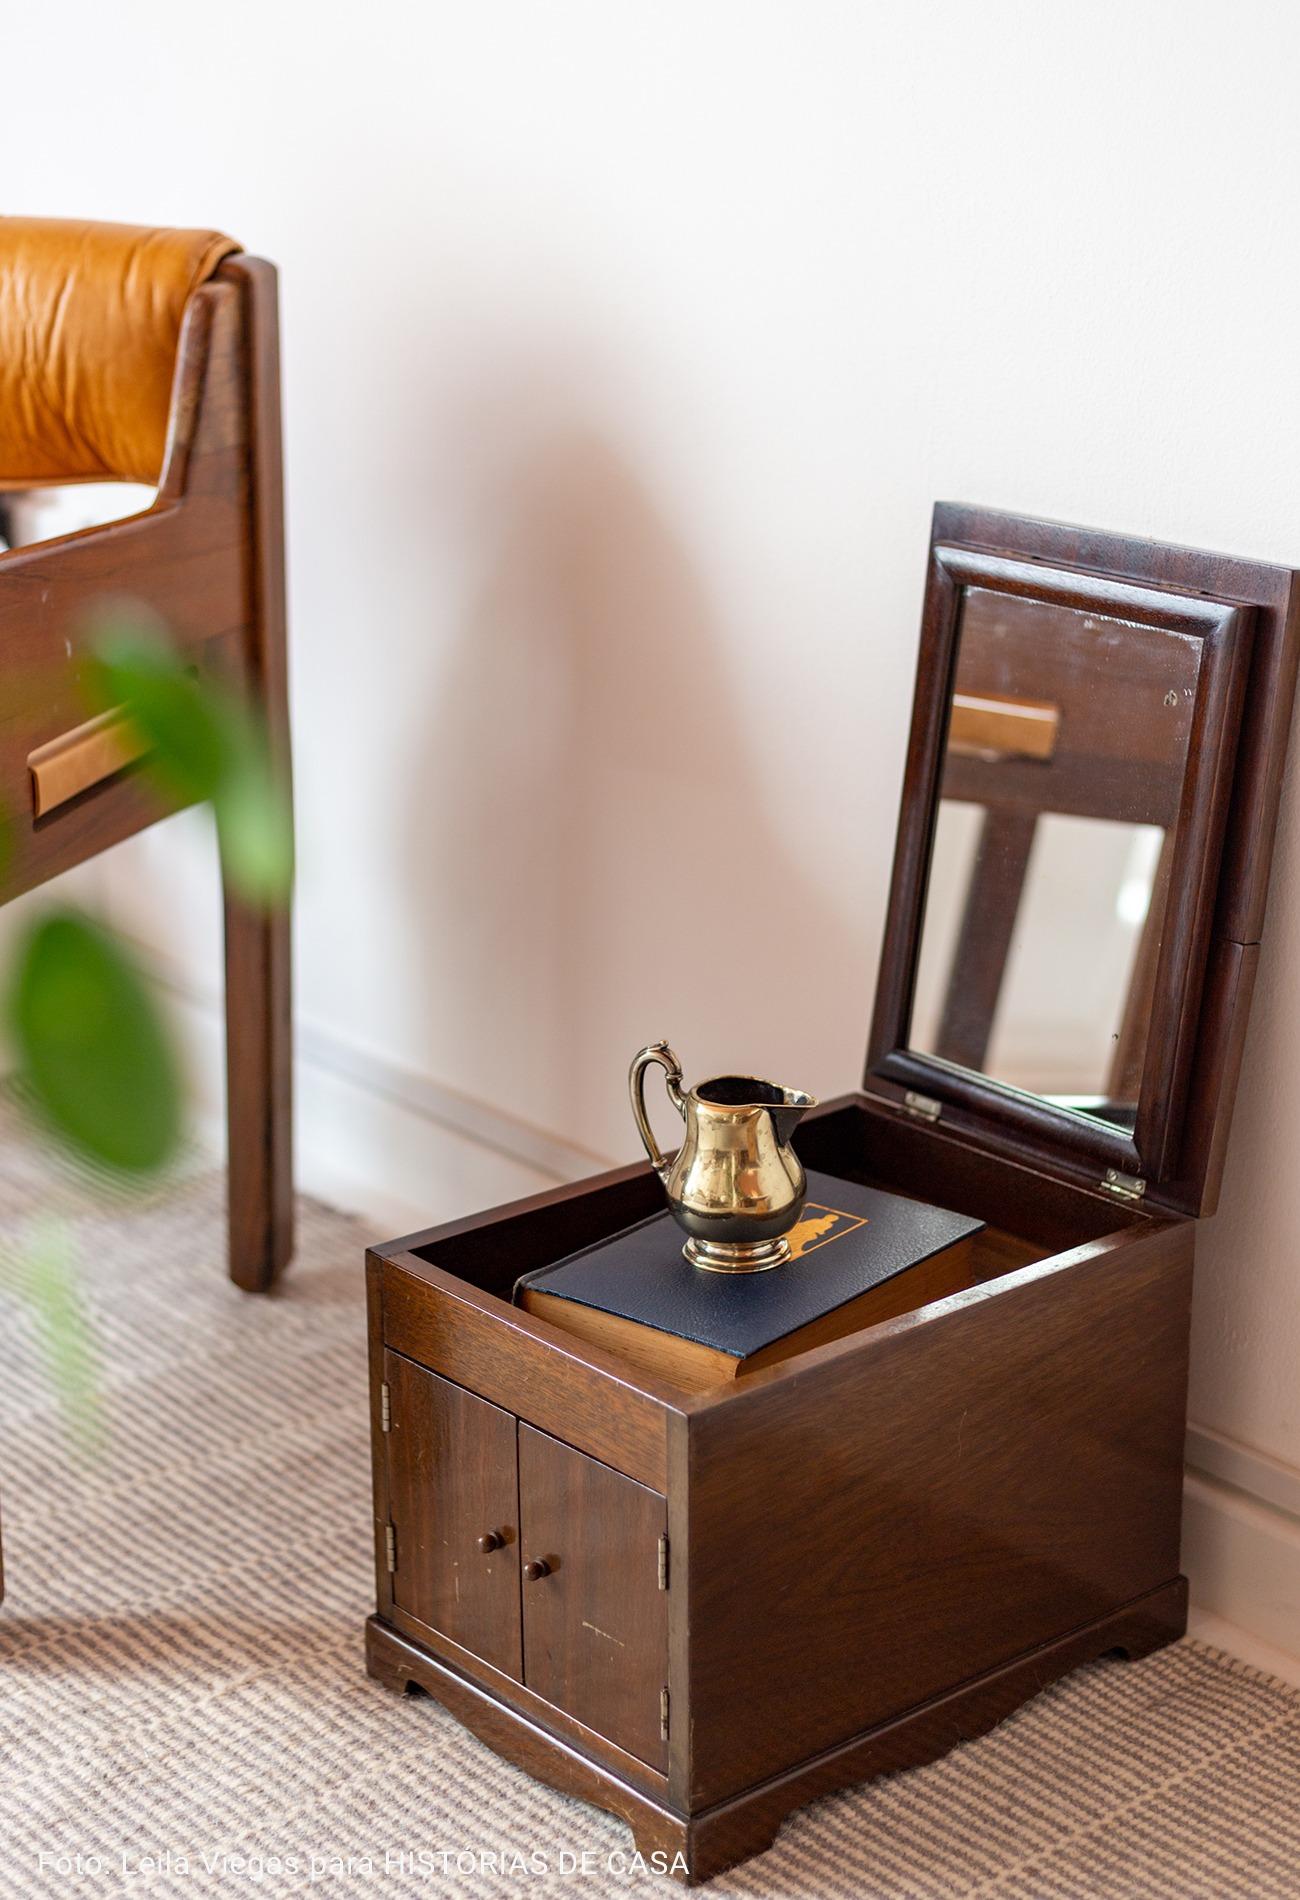 sala com baú de madeira maciça